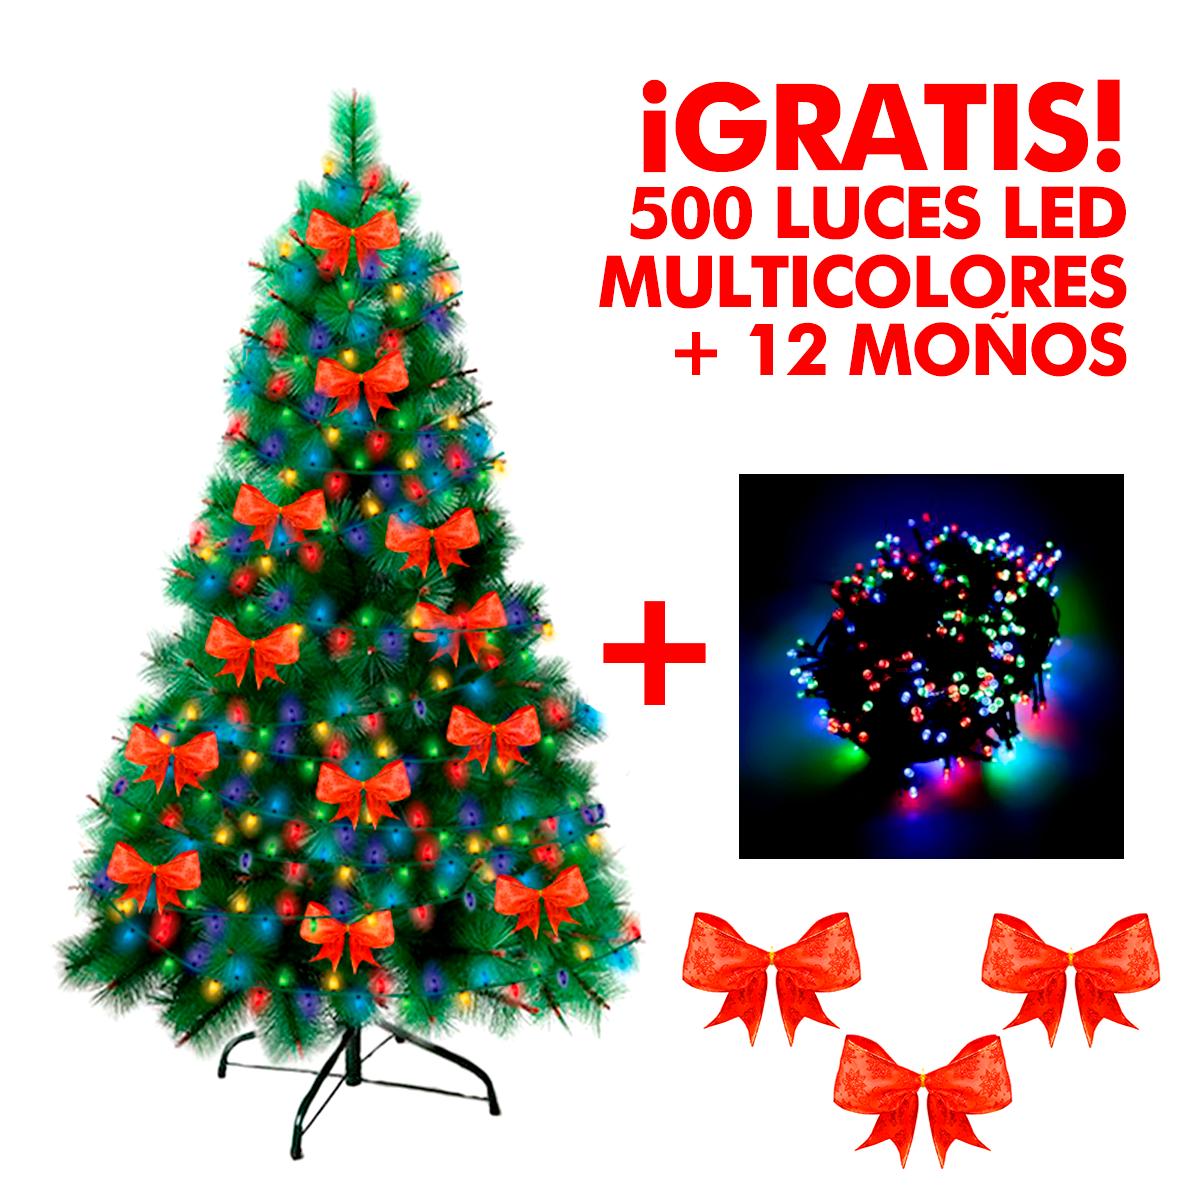 Arbol de navidad pino 500 luces led de navidad lazos digitalcrazy - Luces led arbol navidad ...